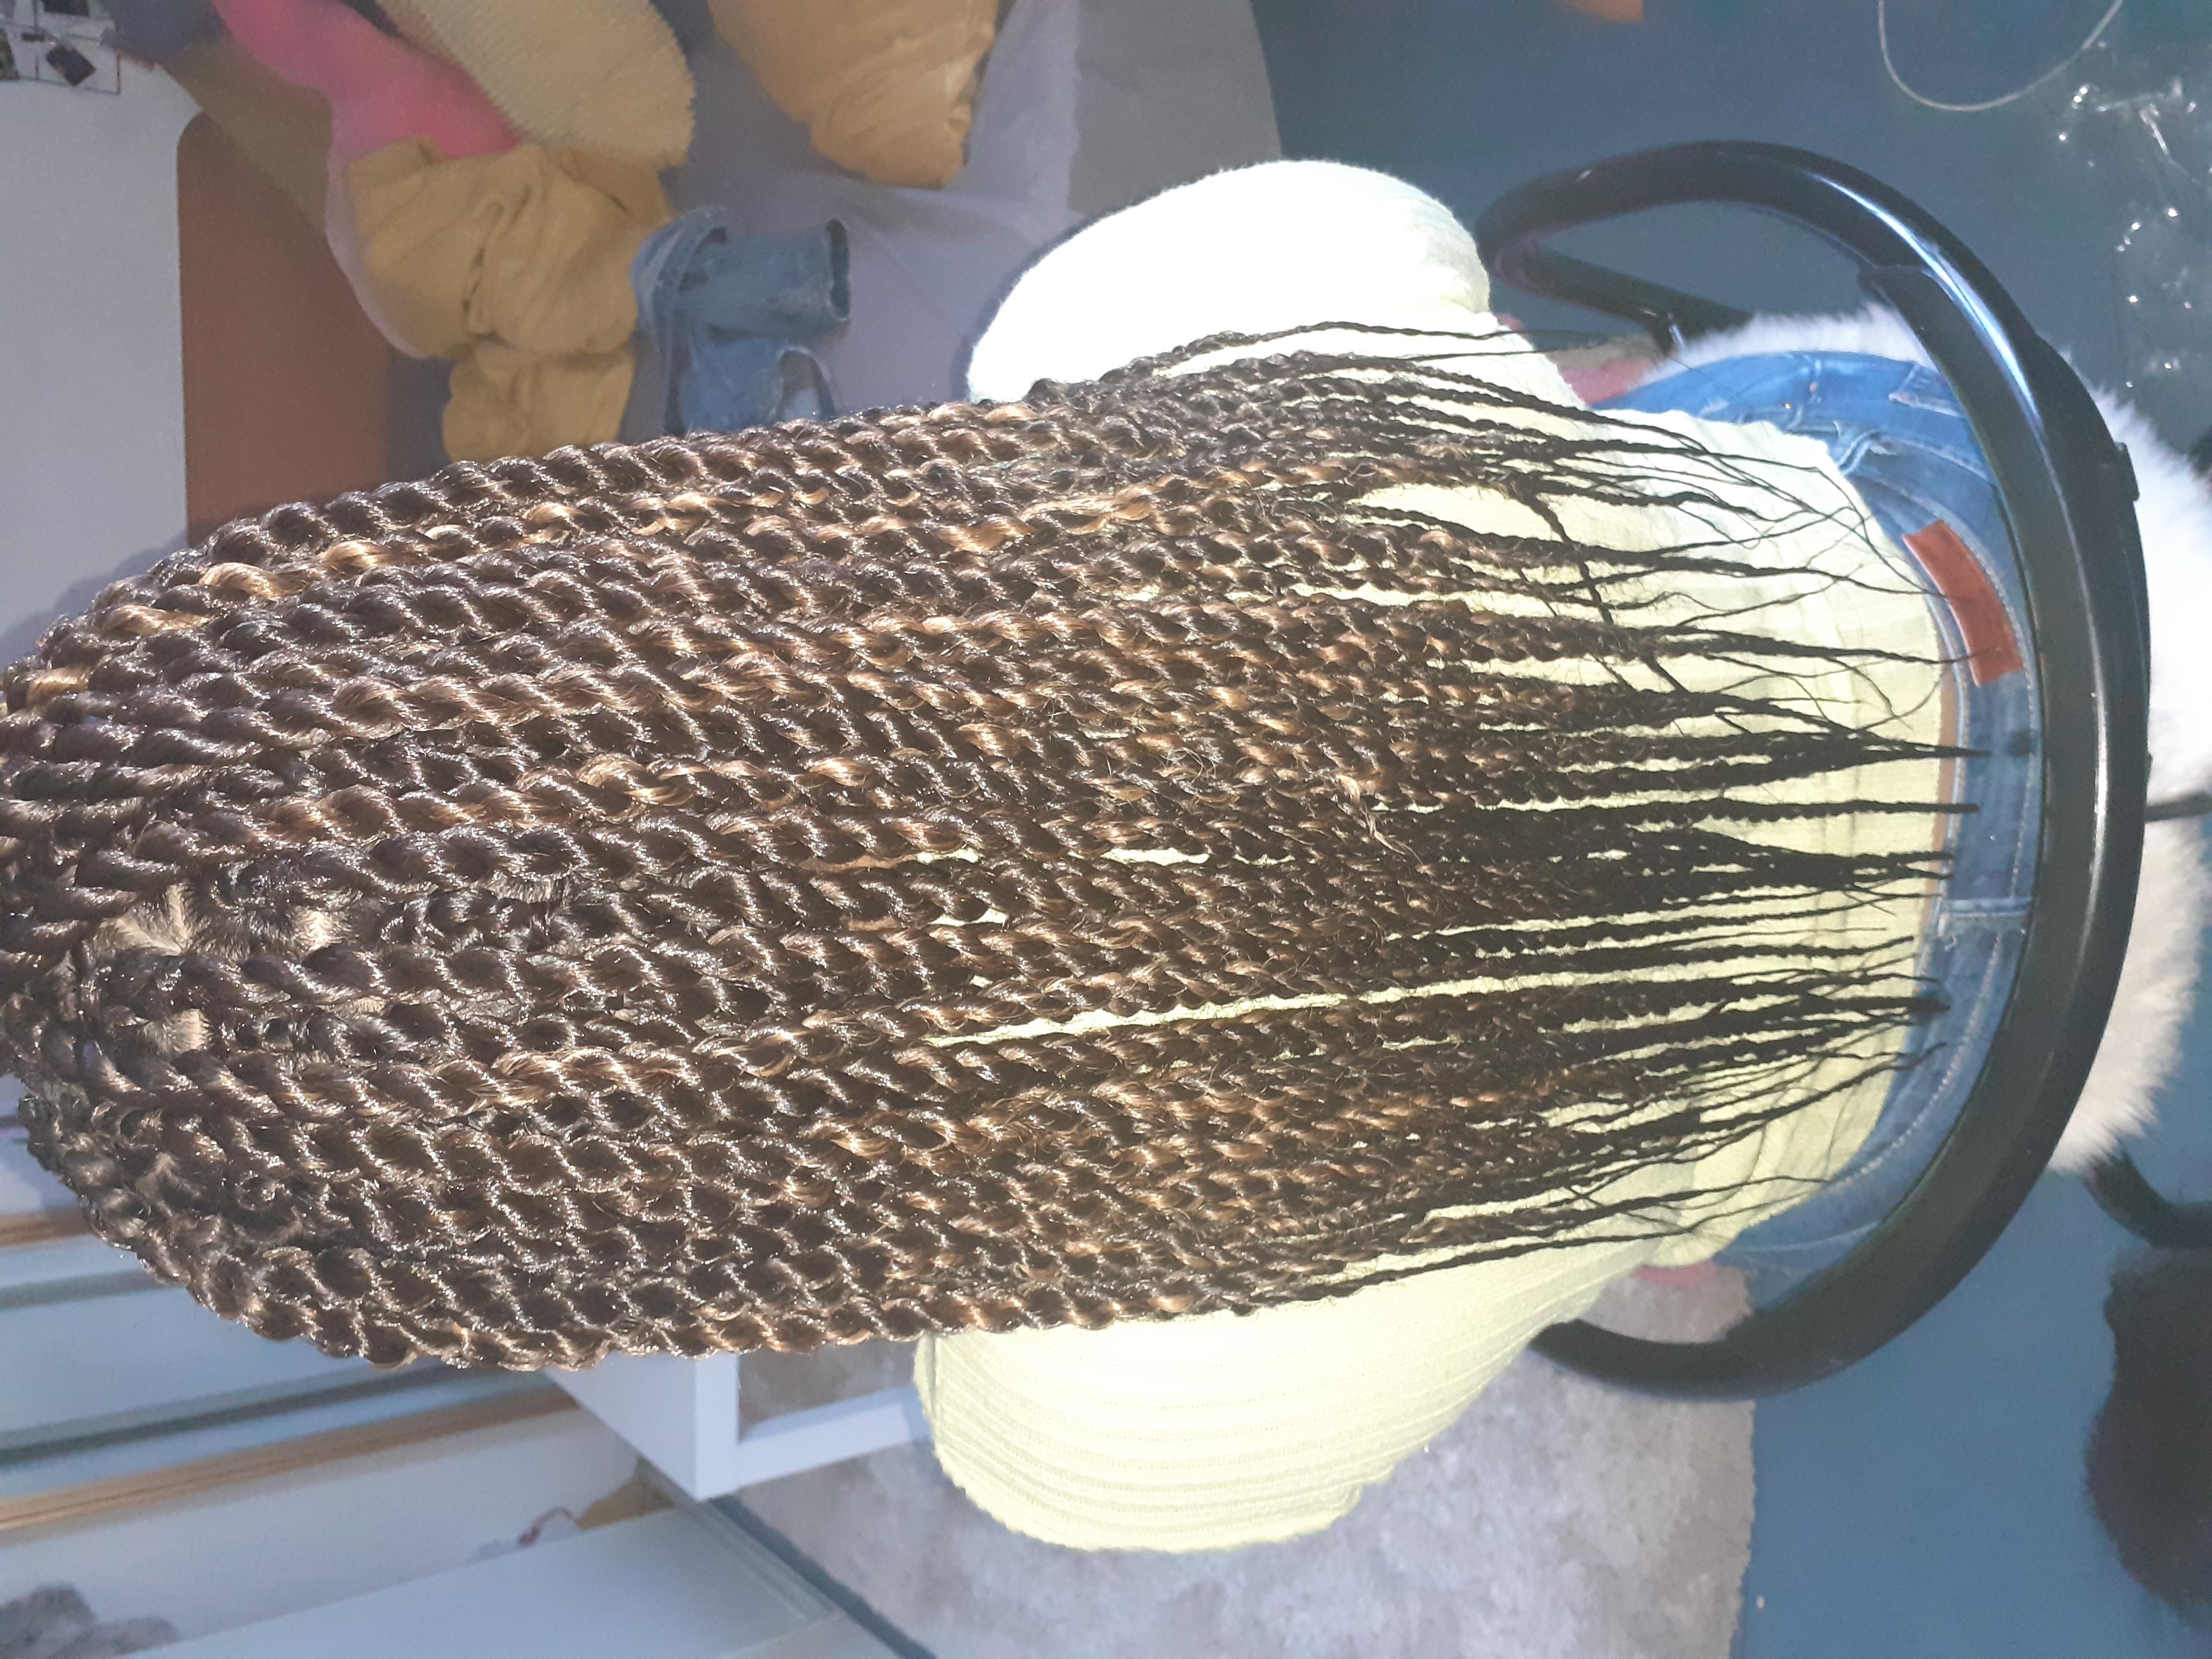 salon de coiffure afro tresse tresses box braids crochet braids vanilles tissages paris 75 77 78 91 92 93 94 95 YNIVBPAI